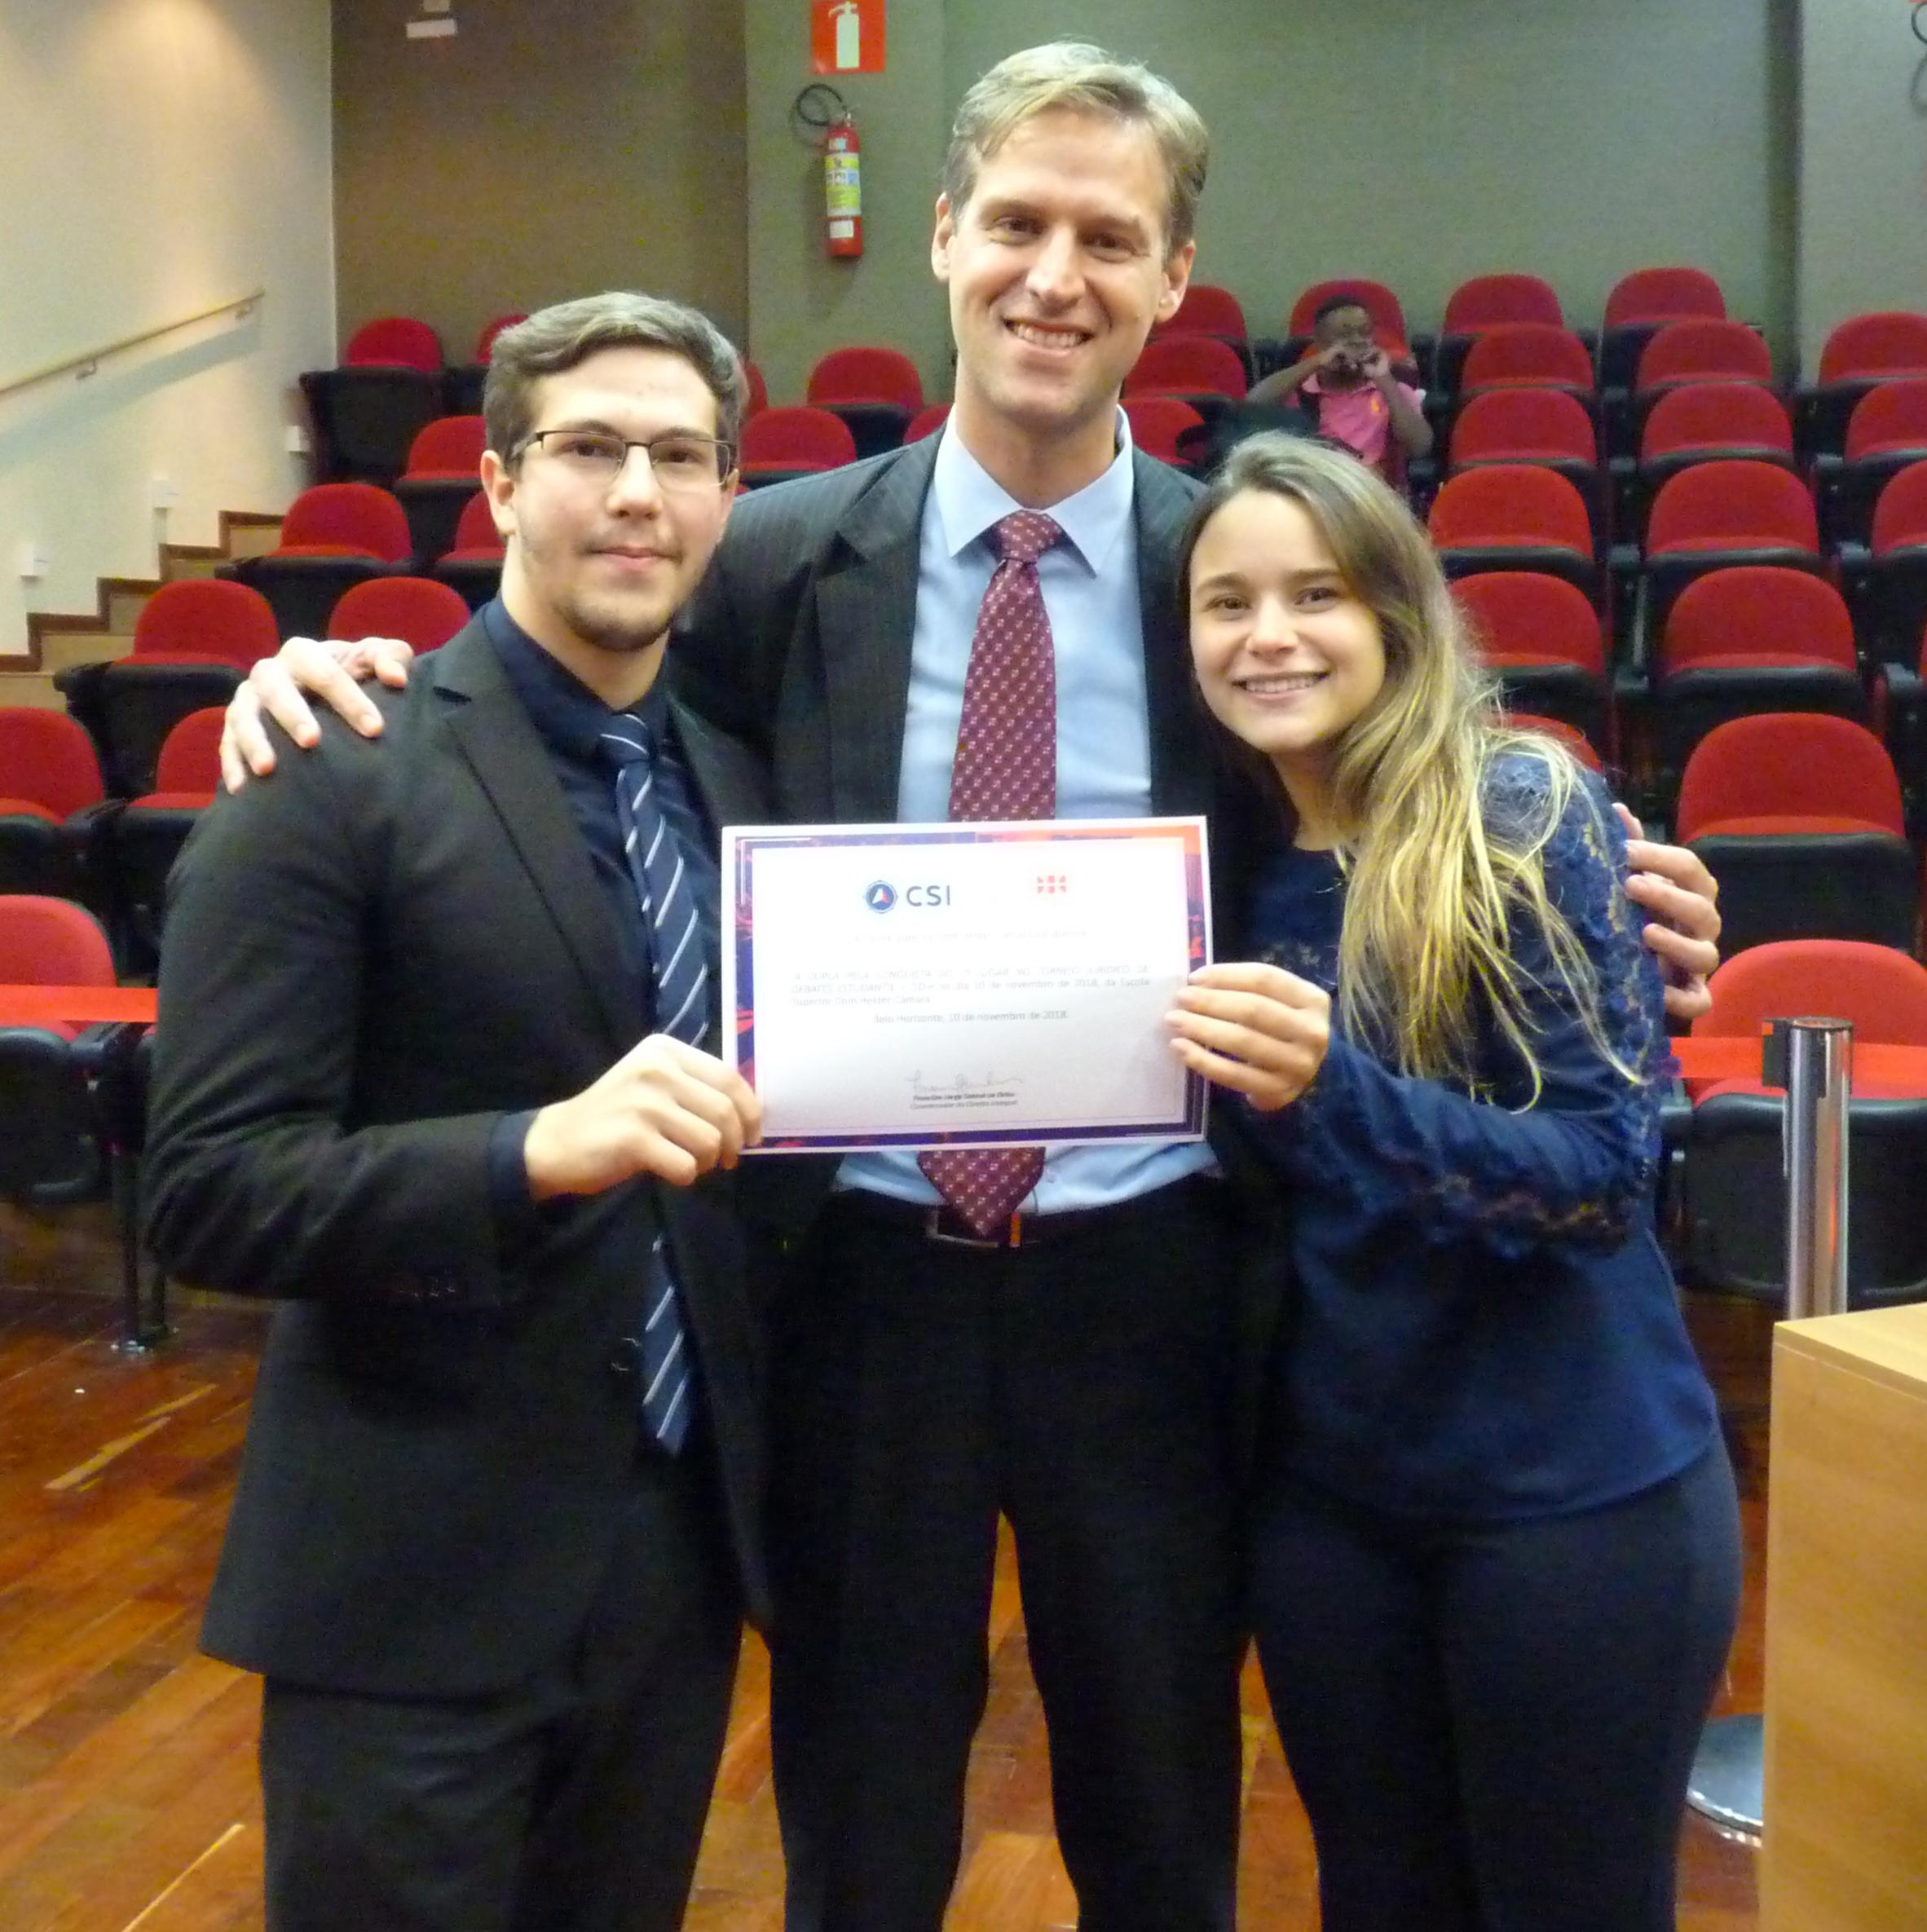 Julia Porto de Miranda e Daniel Boczar Leão, vencedores da 2ª edição do TJD-e recebem o certificado de um dos organizadores da competição, Renato Campos Andrade.